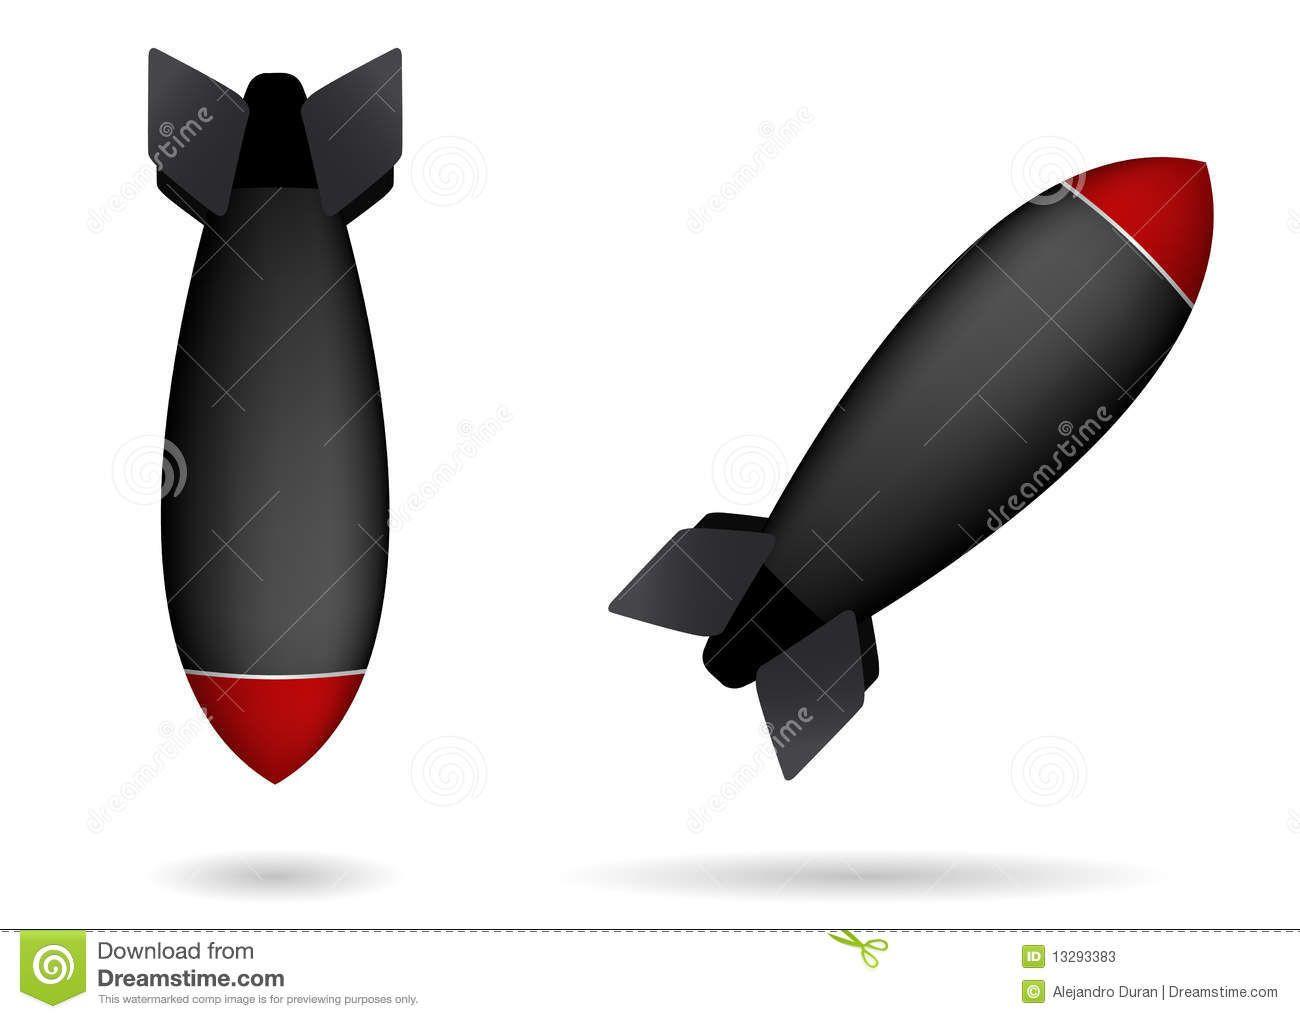 Bomb clipart nuclear warhead. Missiles tattoo pinterest rock